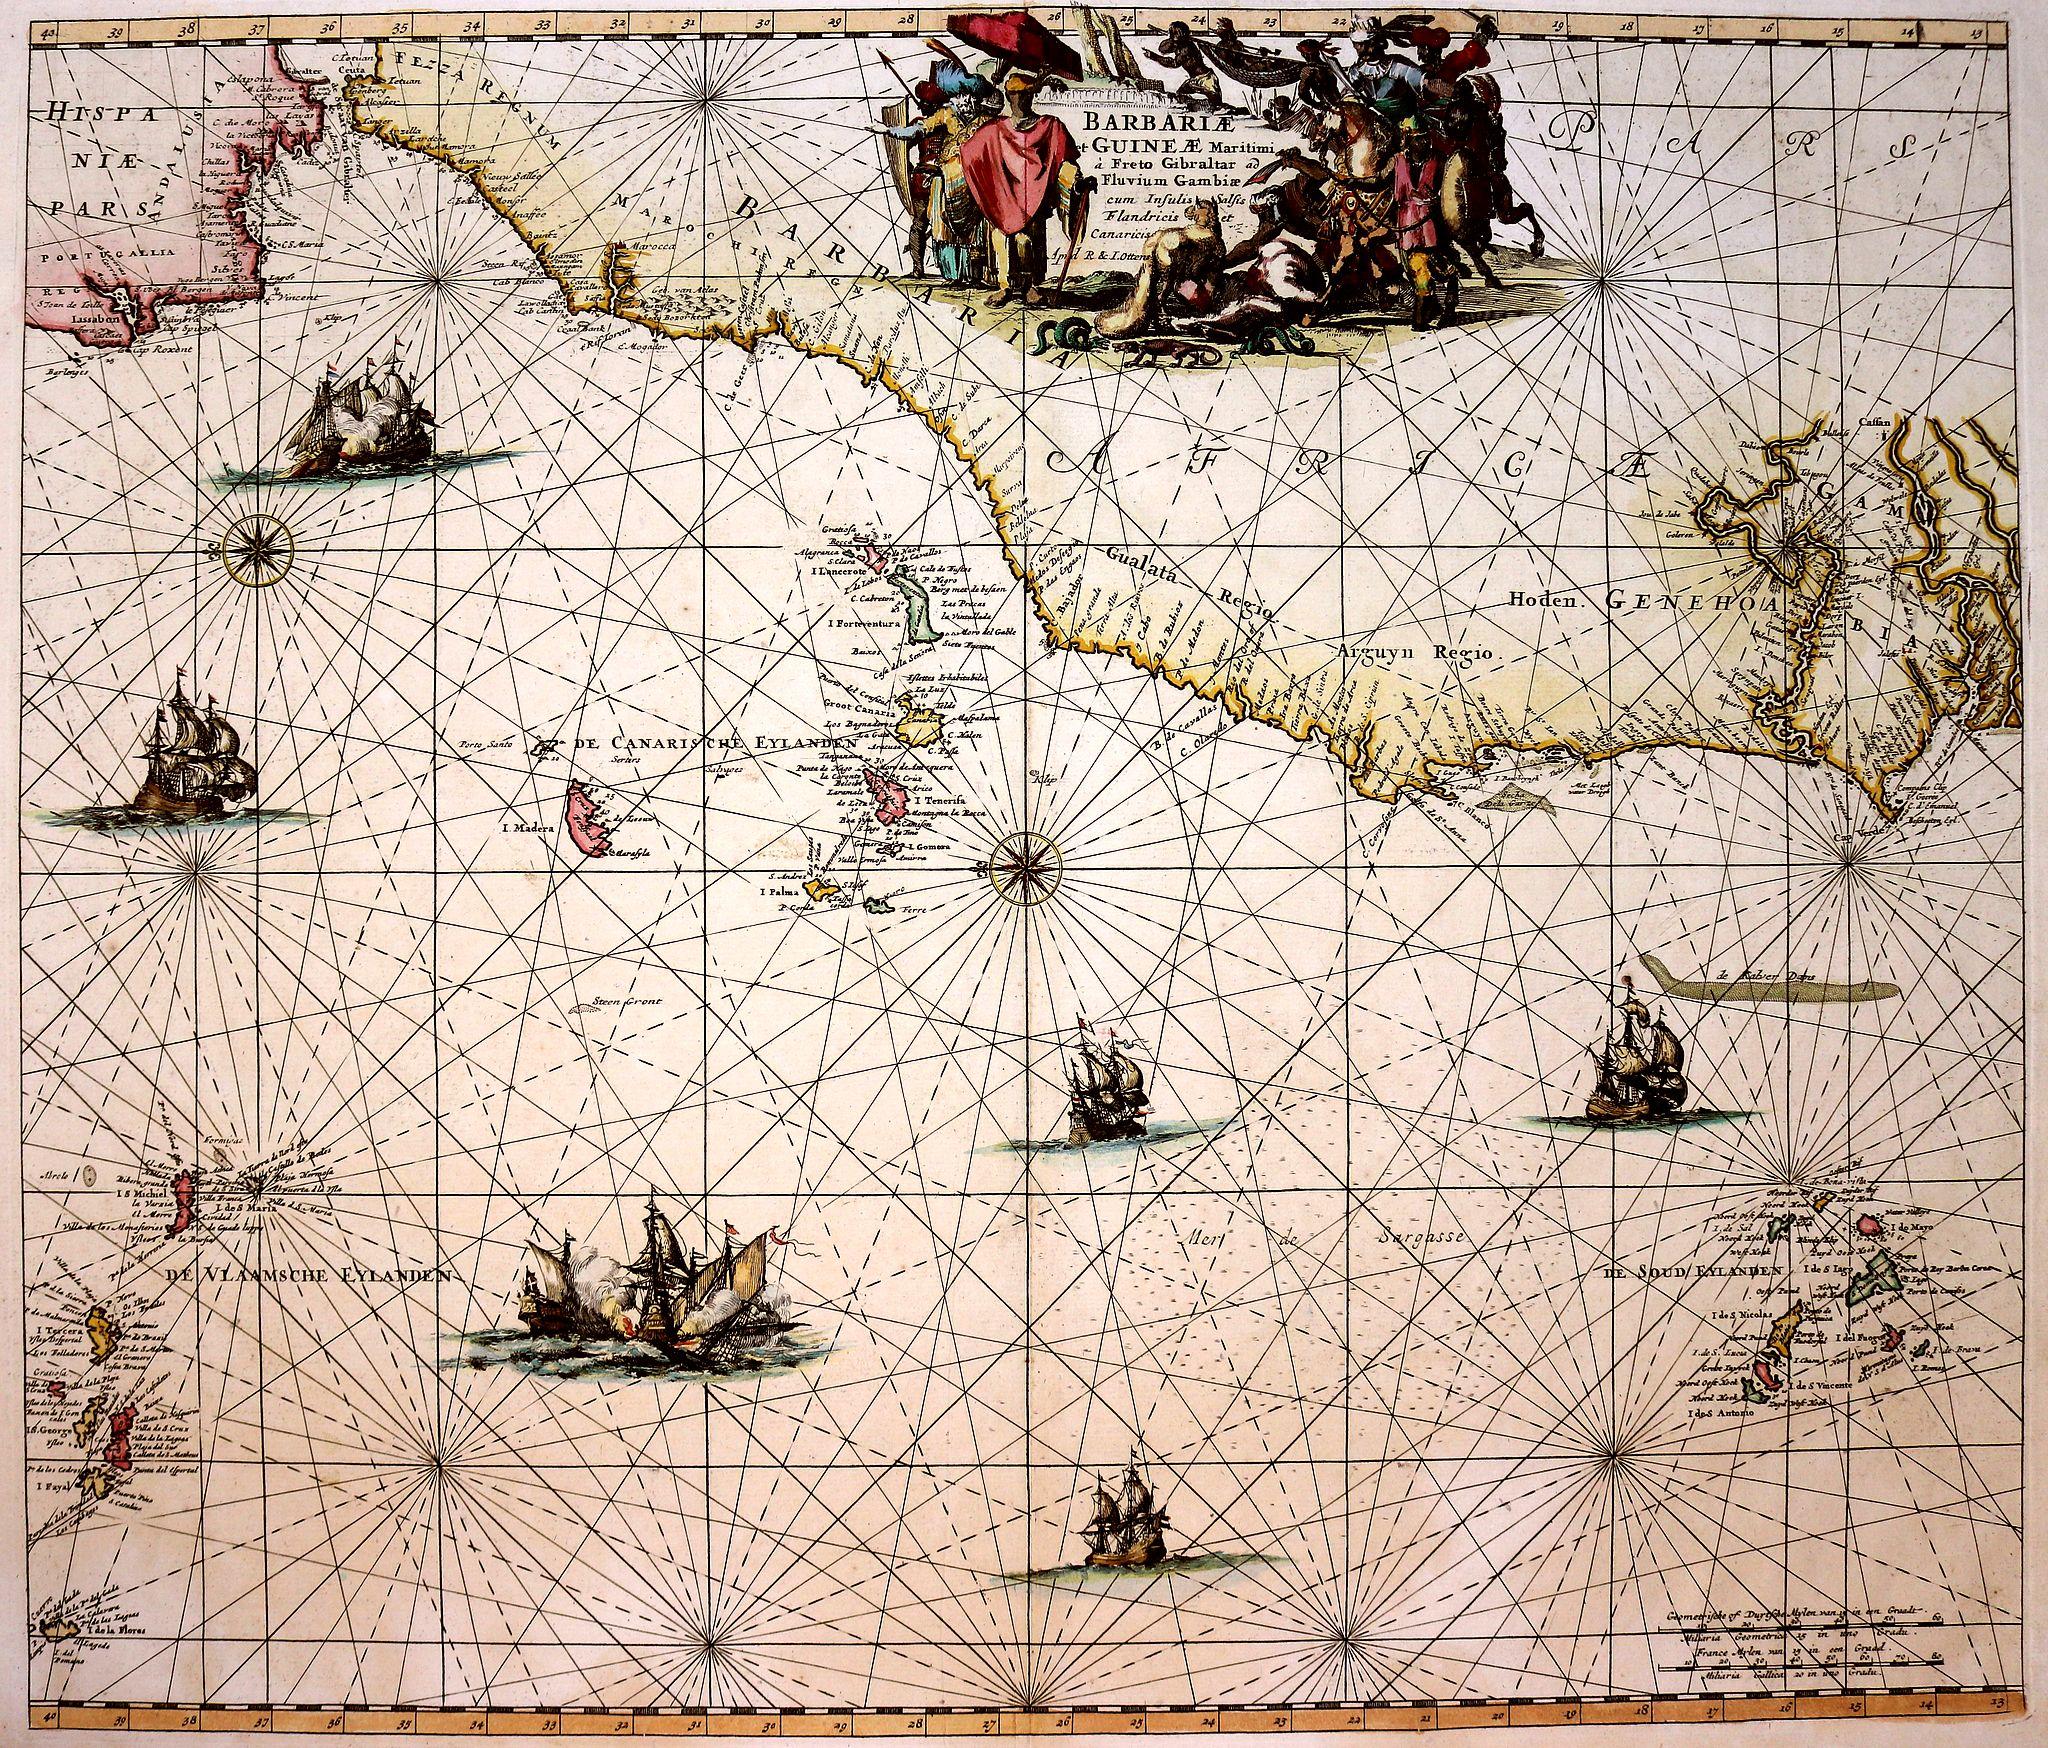 DE WIT, F. /OTTENS, R. / J. - Barbariae et Guineae Maritimi a Freto Gibralta ad Fluvium Gambiae cum Insulis Salsis Flandricis et Canaricis.